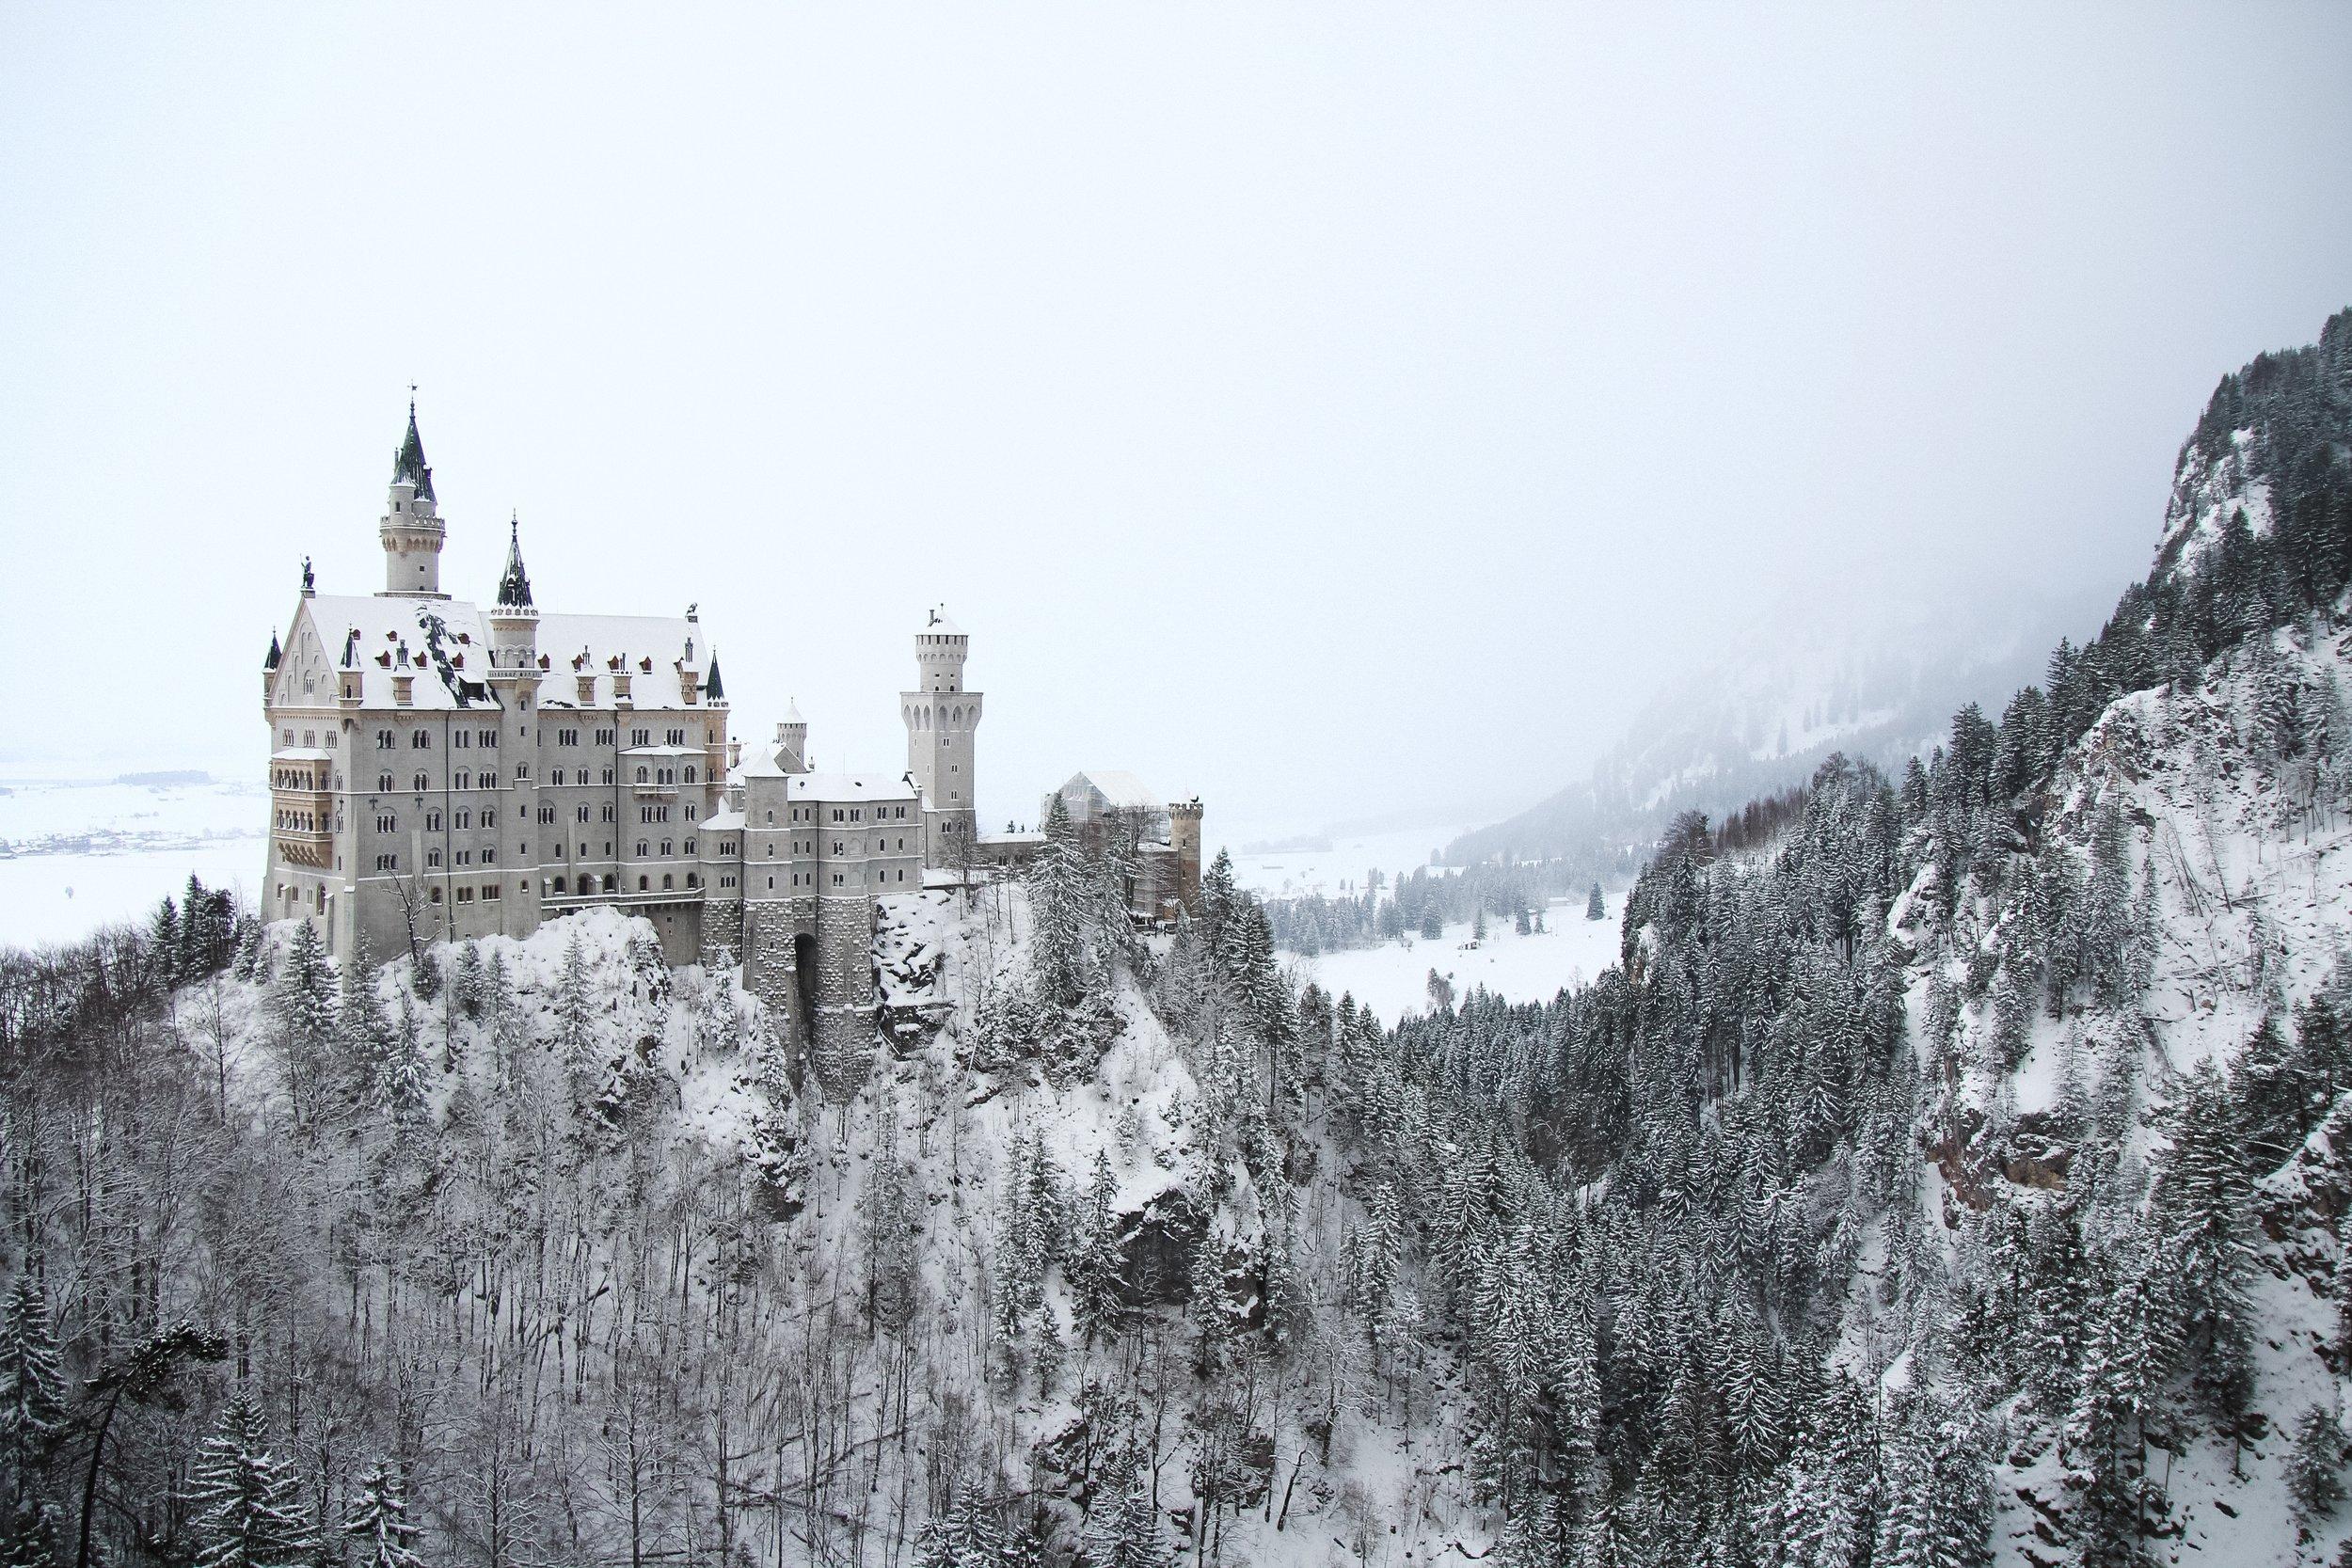 Neuschwanstein Snow nico-benedickt-187873-unsplash.jpg